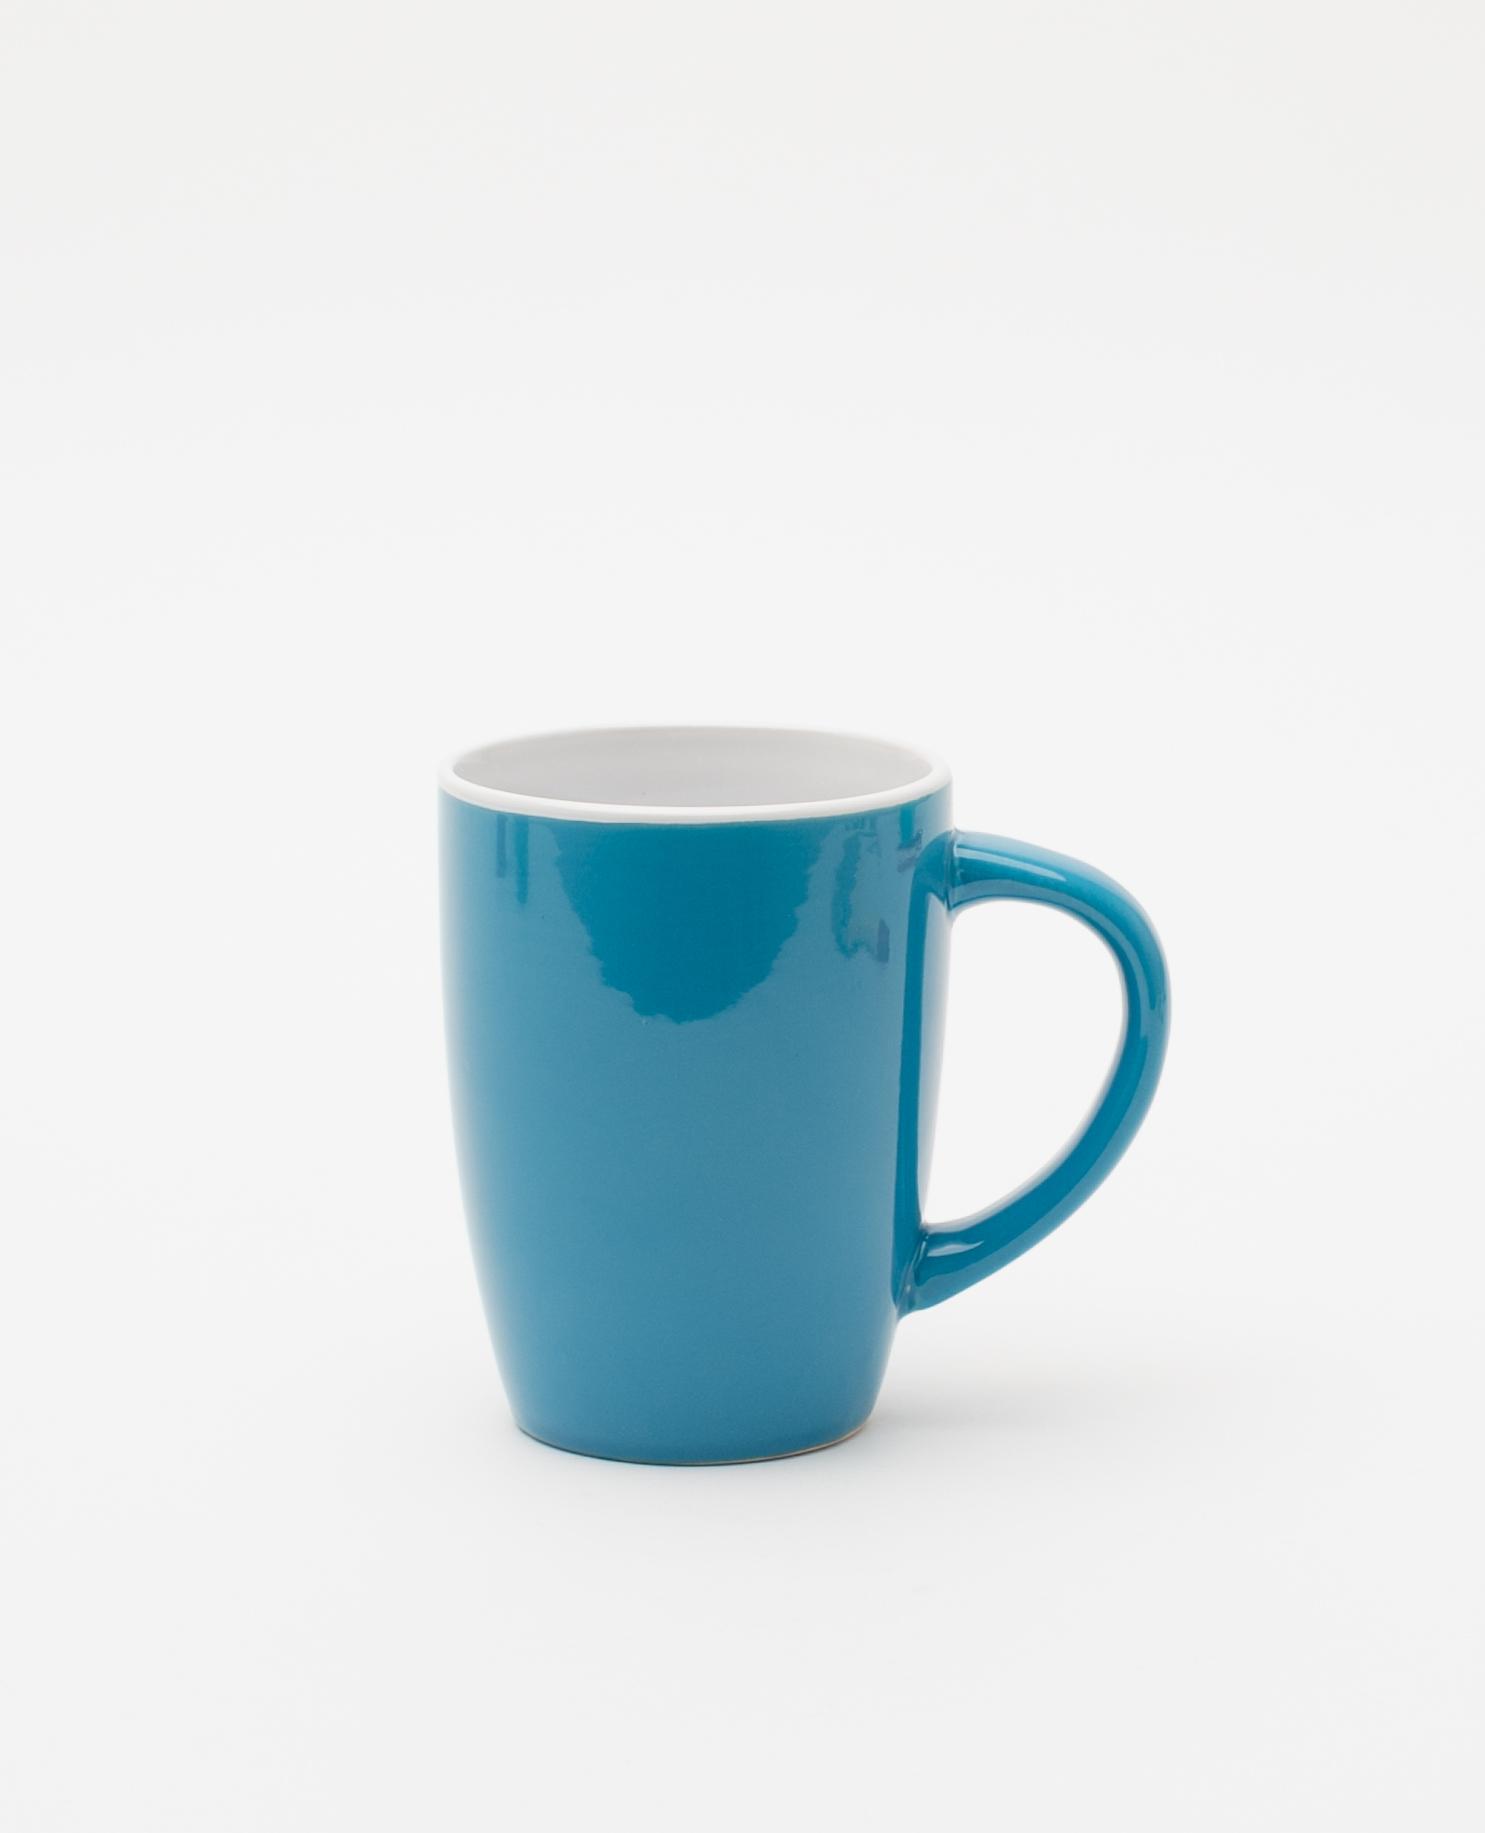 LINER MUG - BLUE